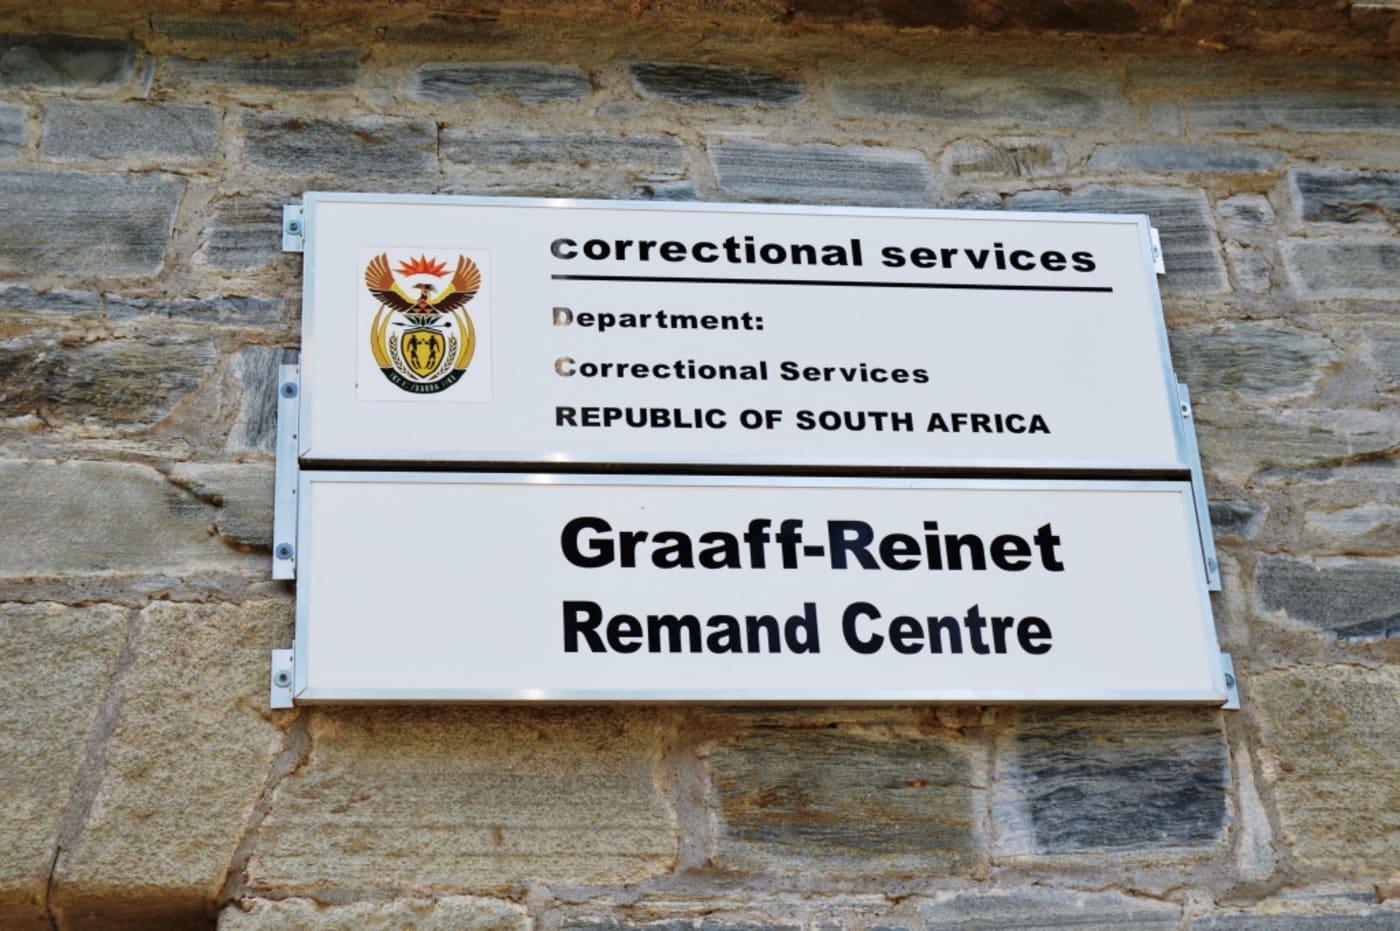 Graaff Reinet Prison